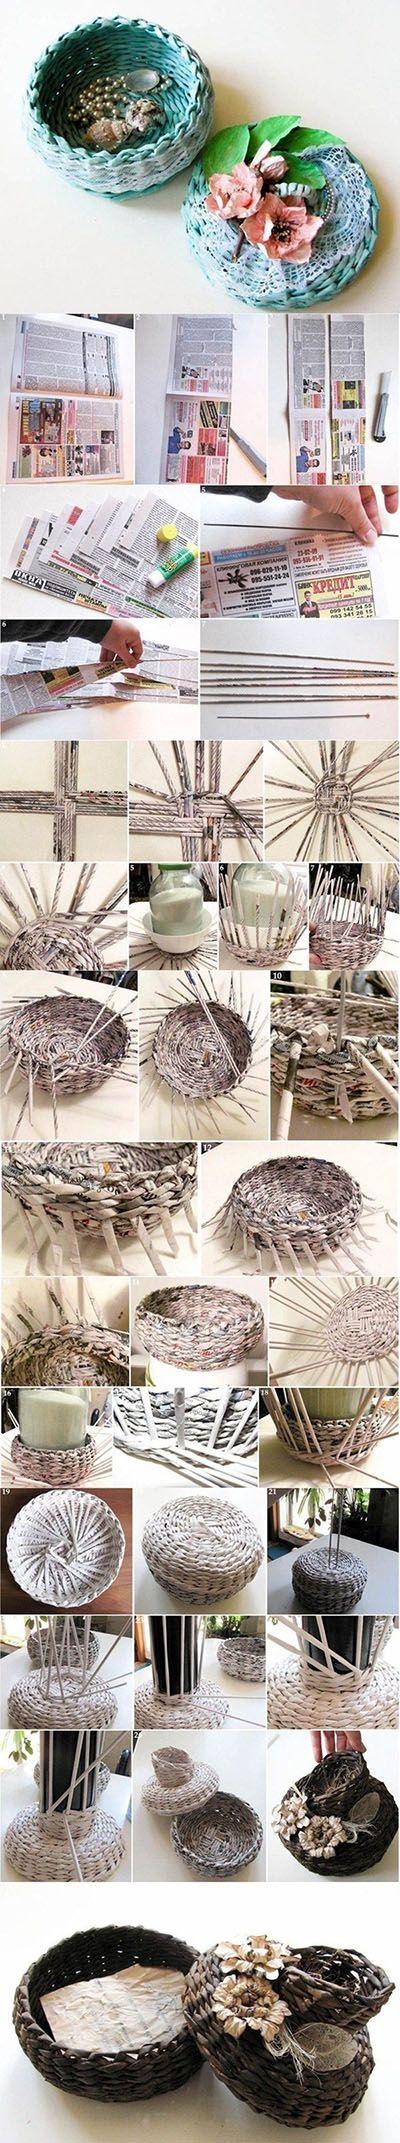 Weaved basket tutorial